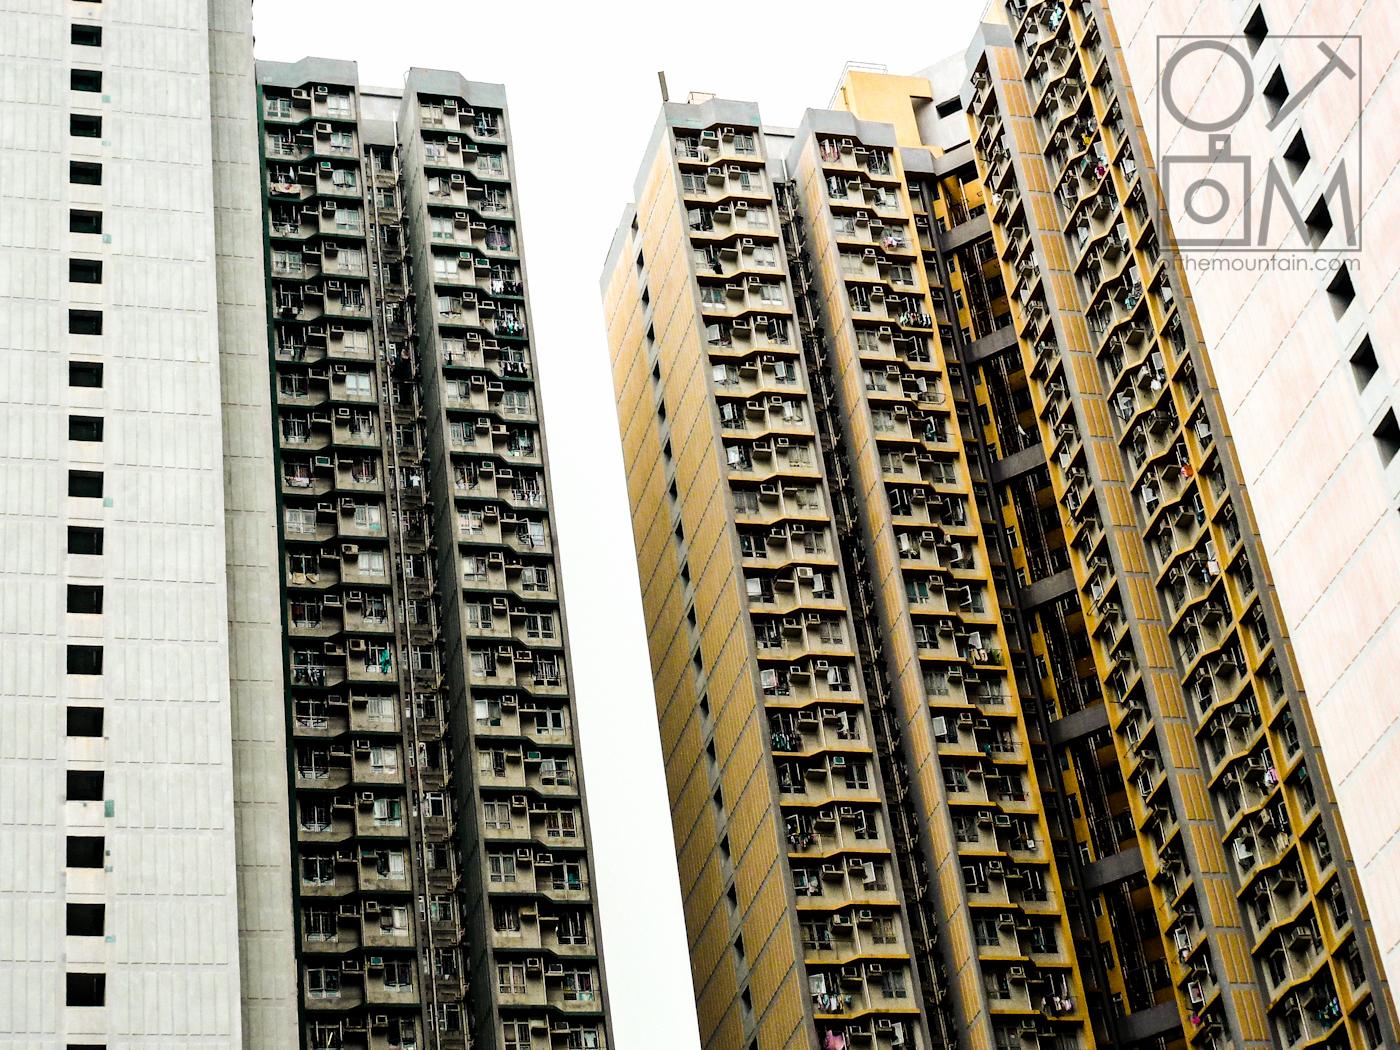 Hong Kong - Kowloon - Yellow Apts